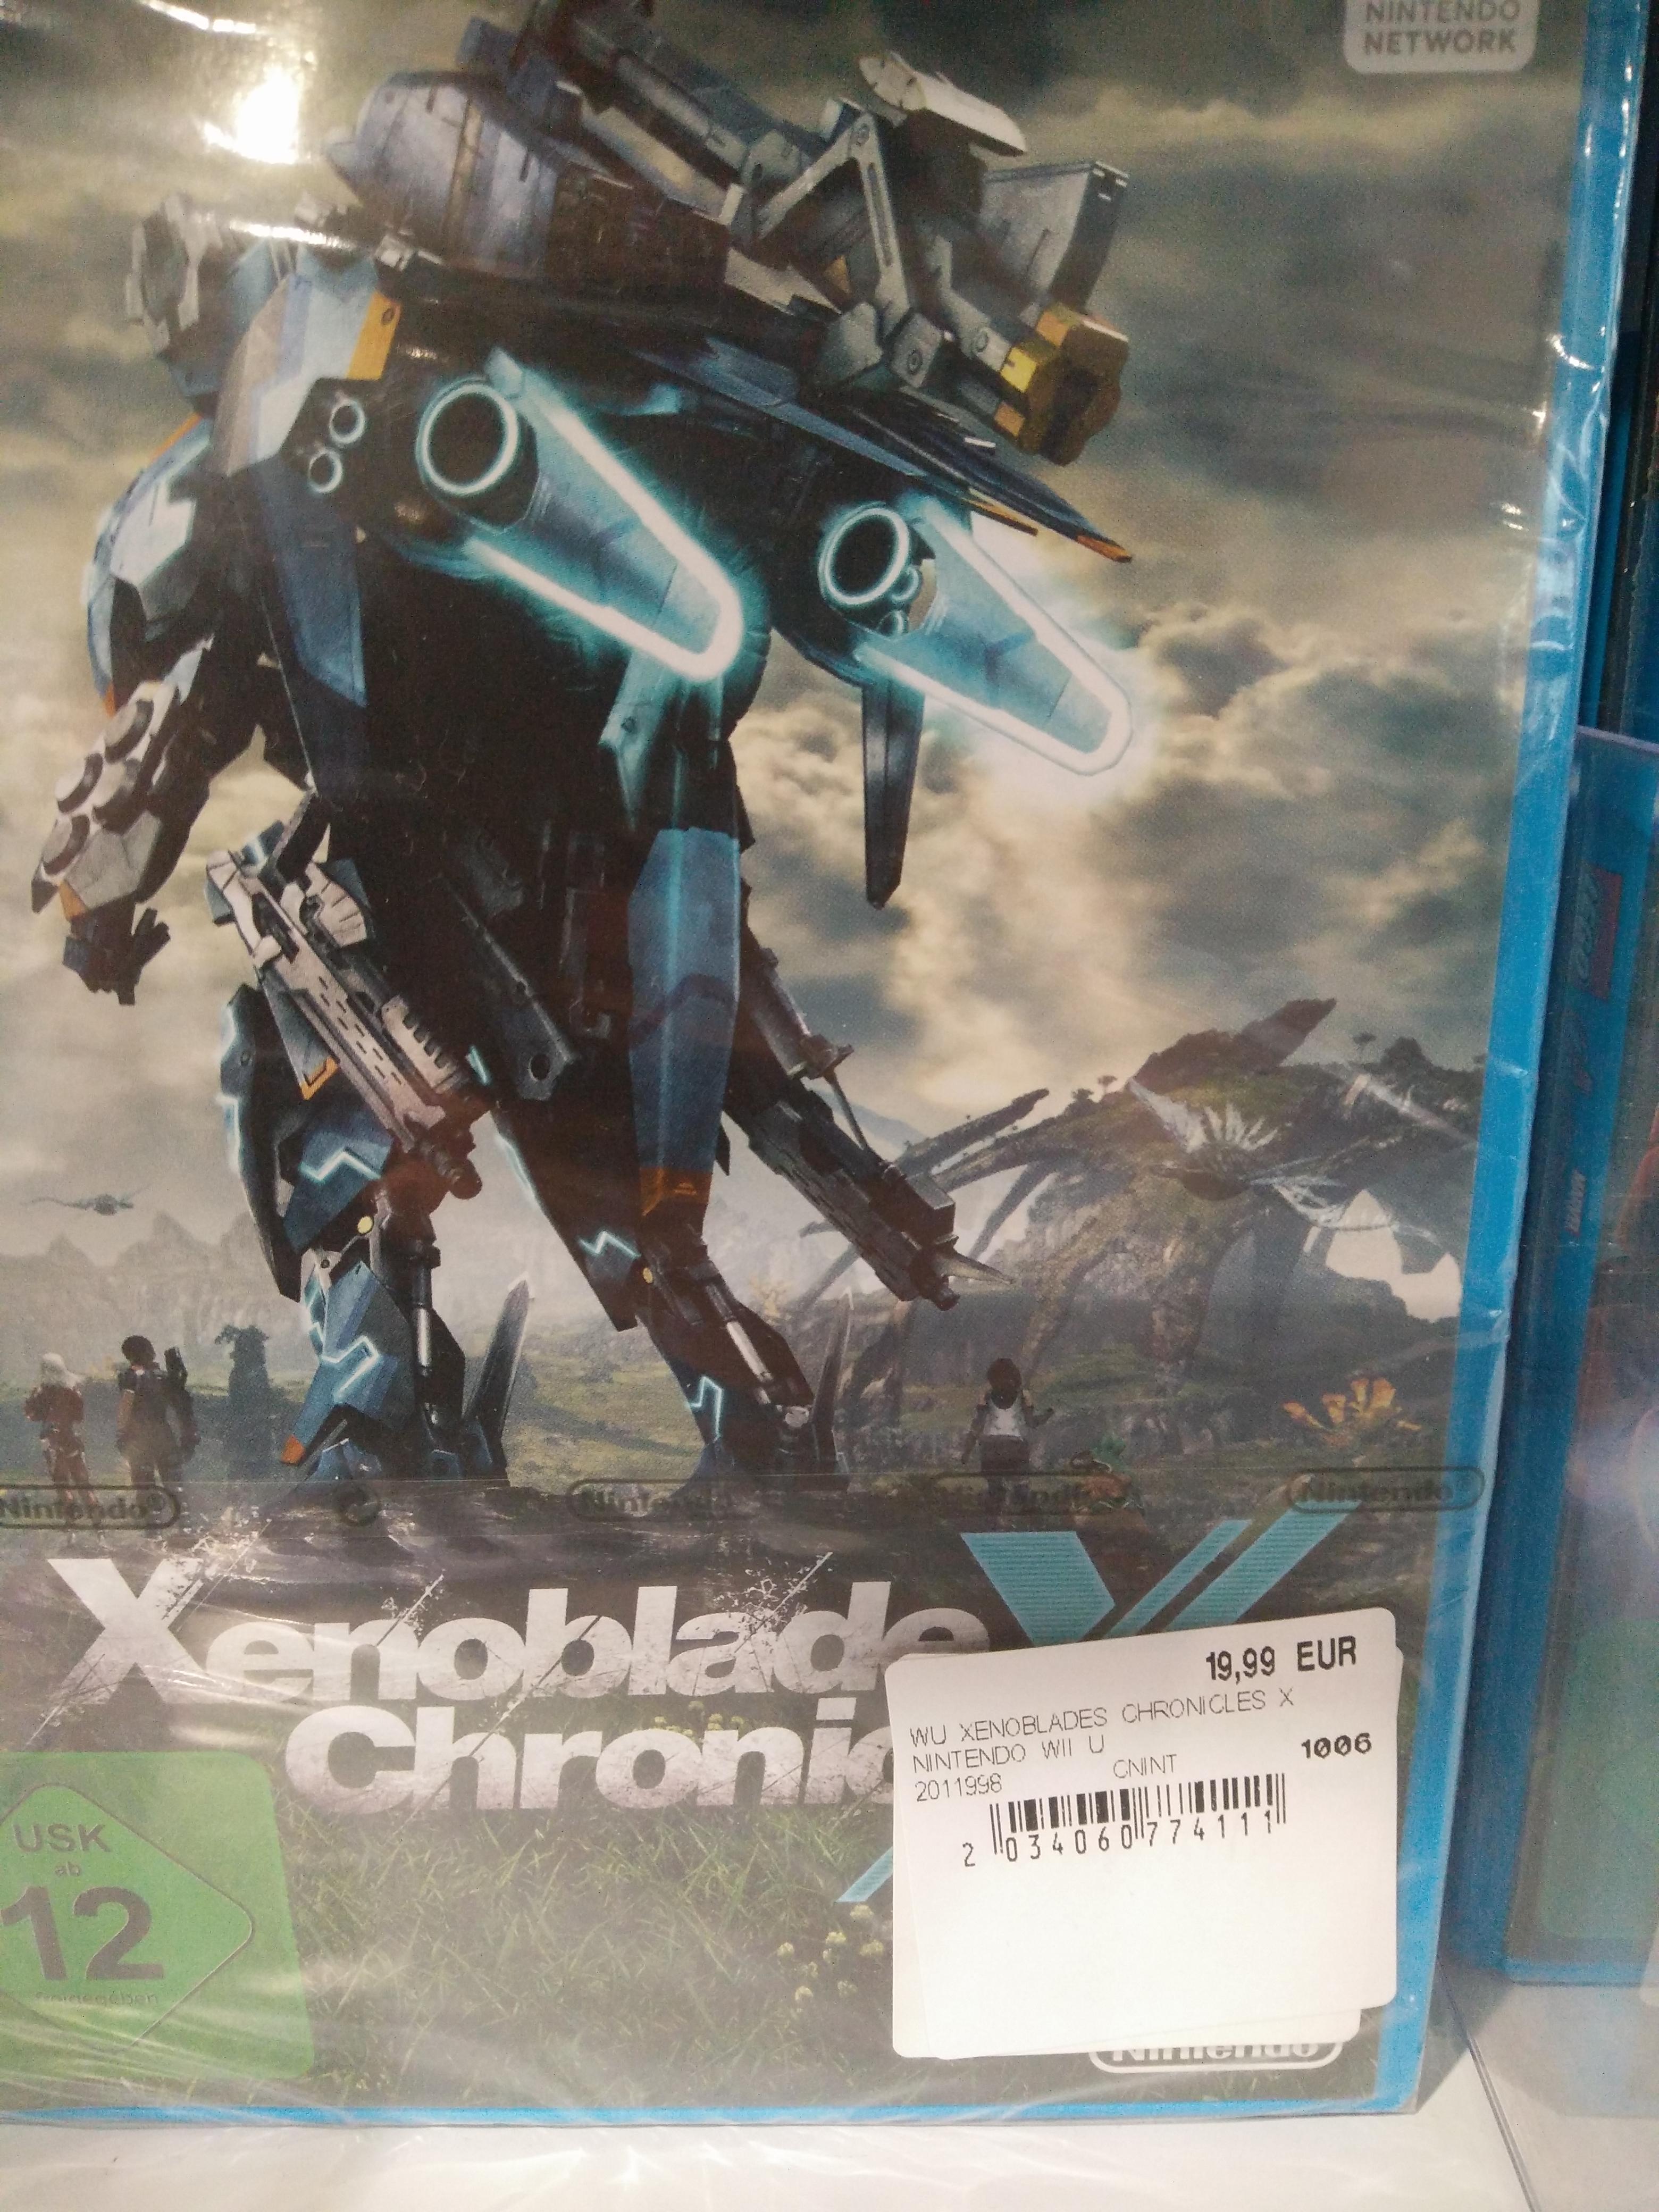 [Lokal] Xenonlade Chronicles X für Wii U bei Media Markt Rosenheim